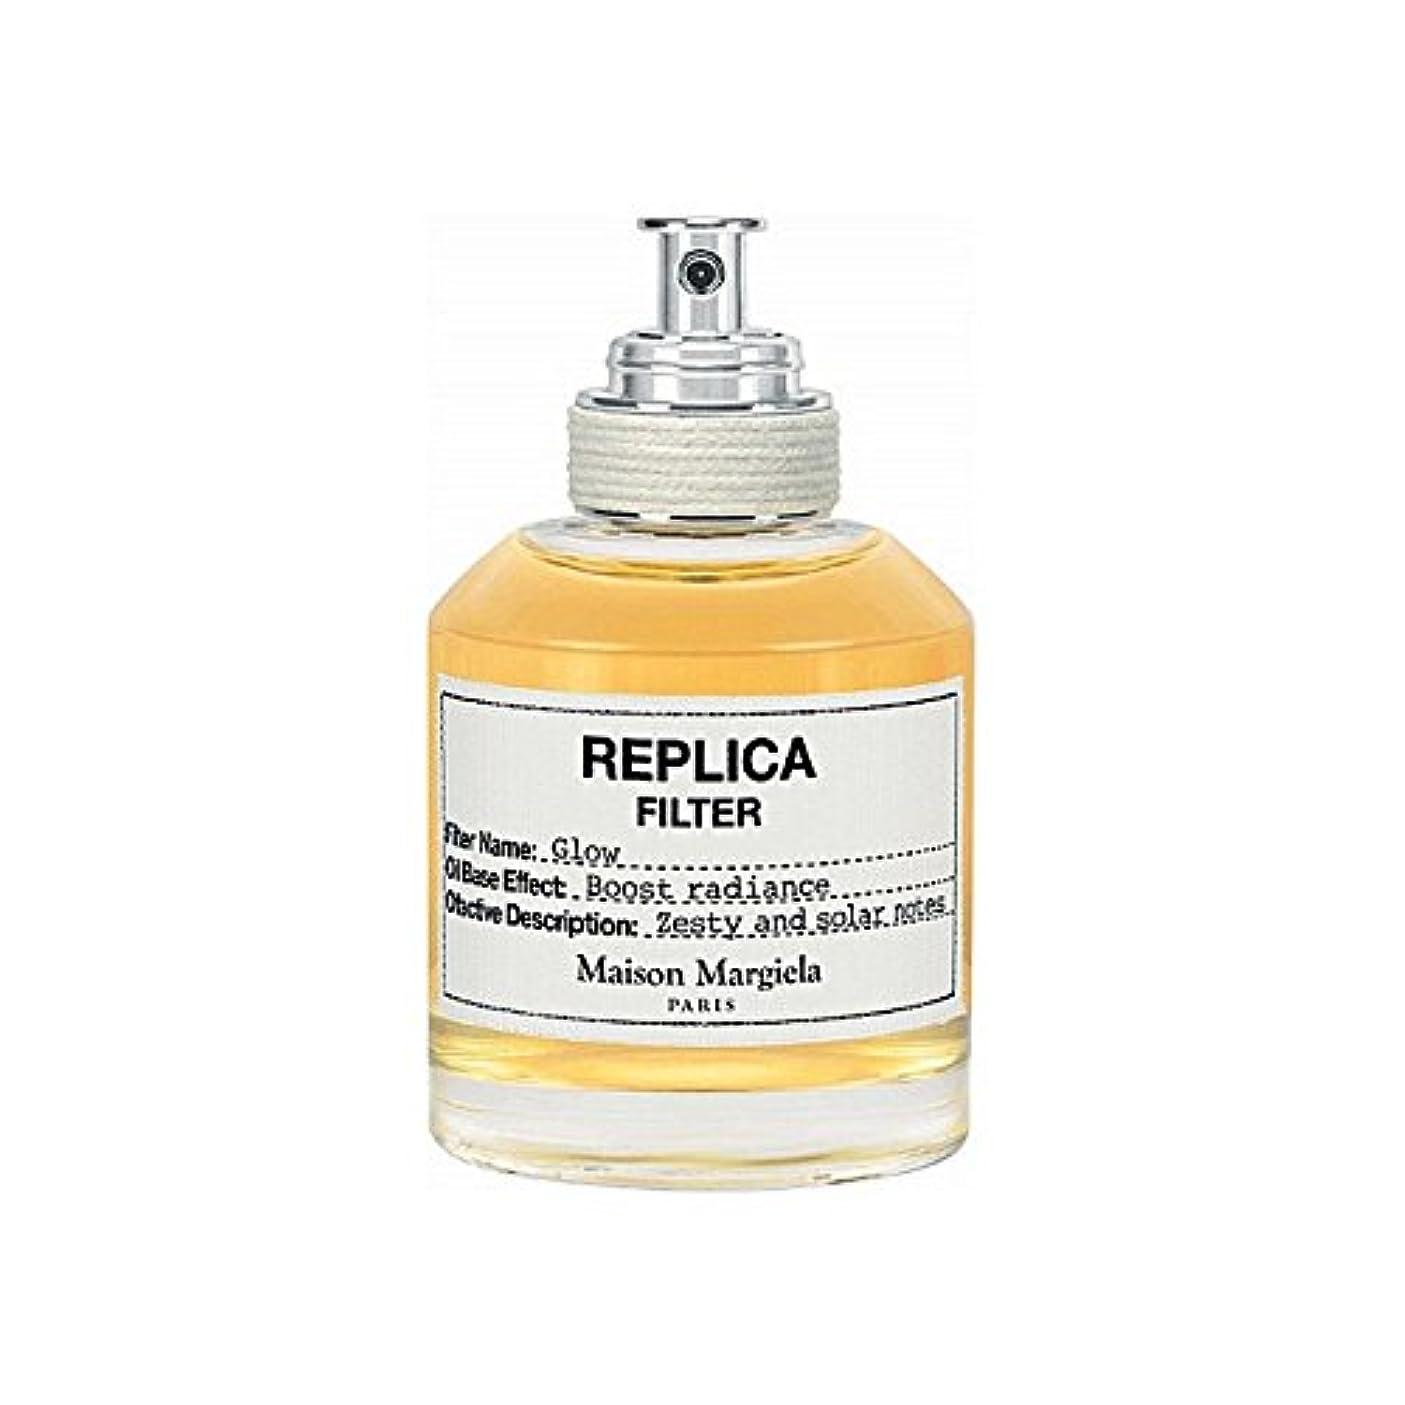 物思いにふけるアイデア学んだMaison Margiela Glow Replica Filter 50ml (Pack of 6) - メゾンマルジェラグローレプリカフィルタ50ミリリットル x6 [並行輸入品]